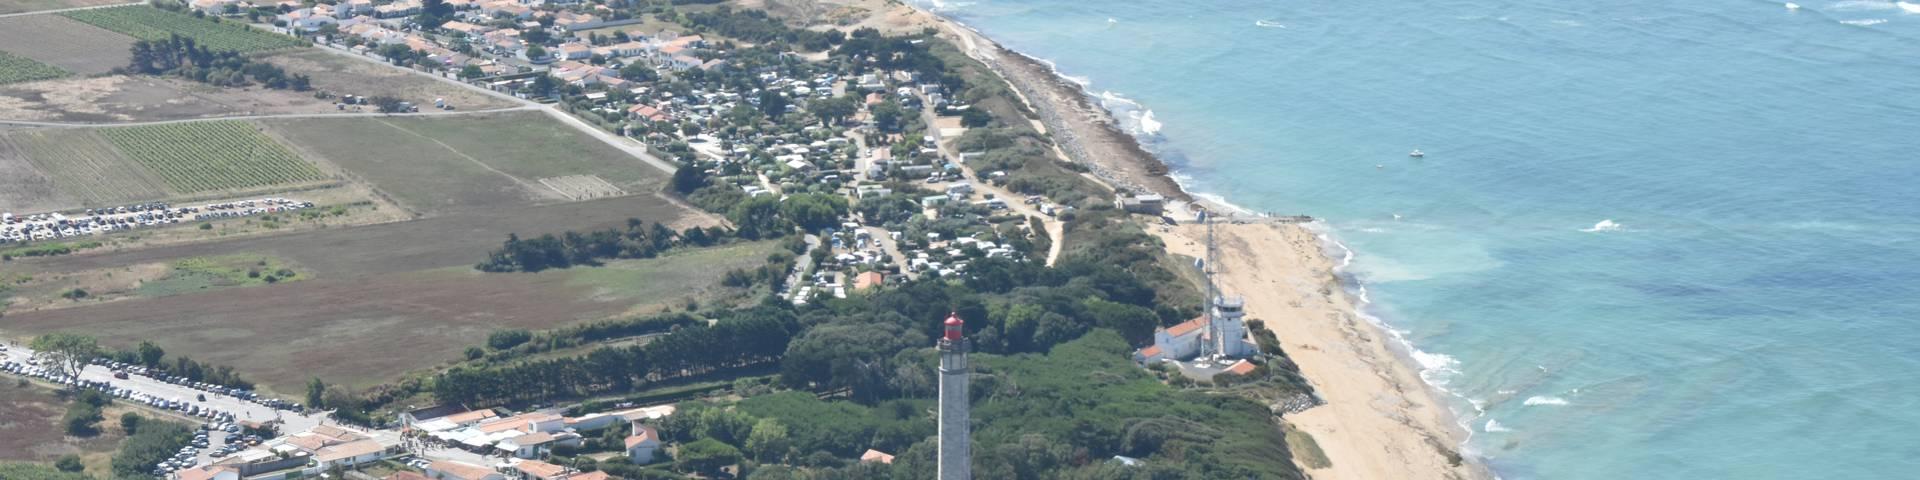 (c) vue aérienne